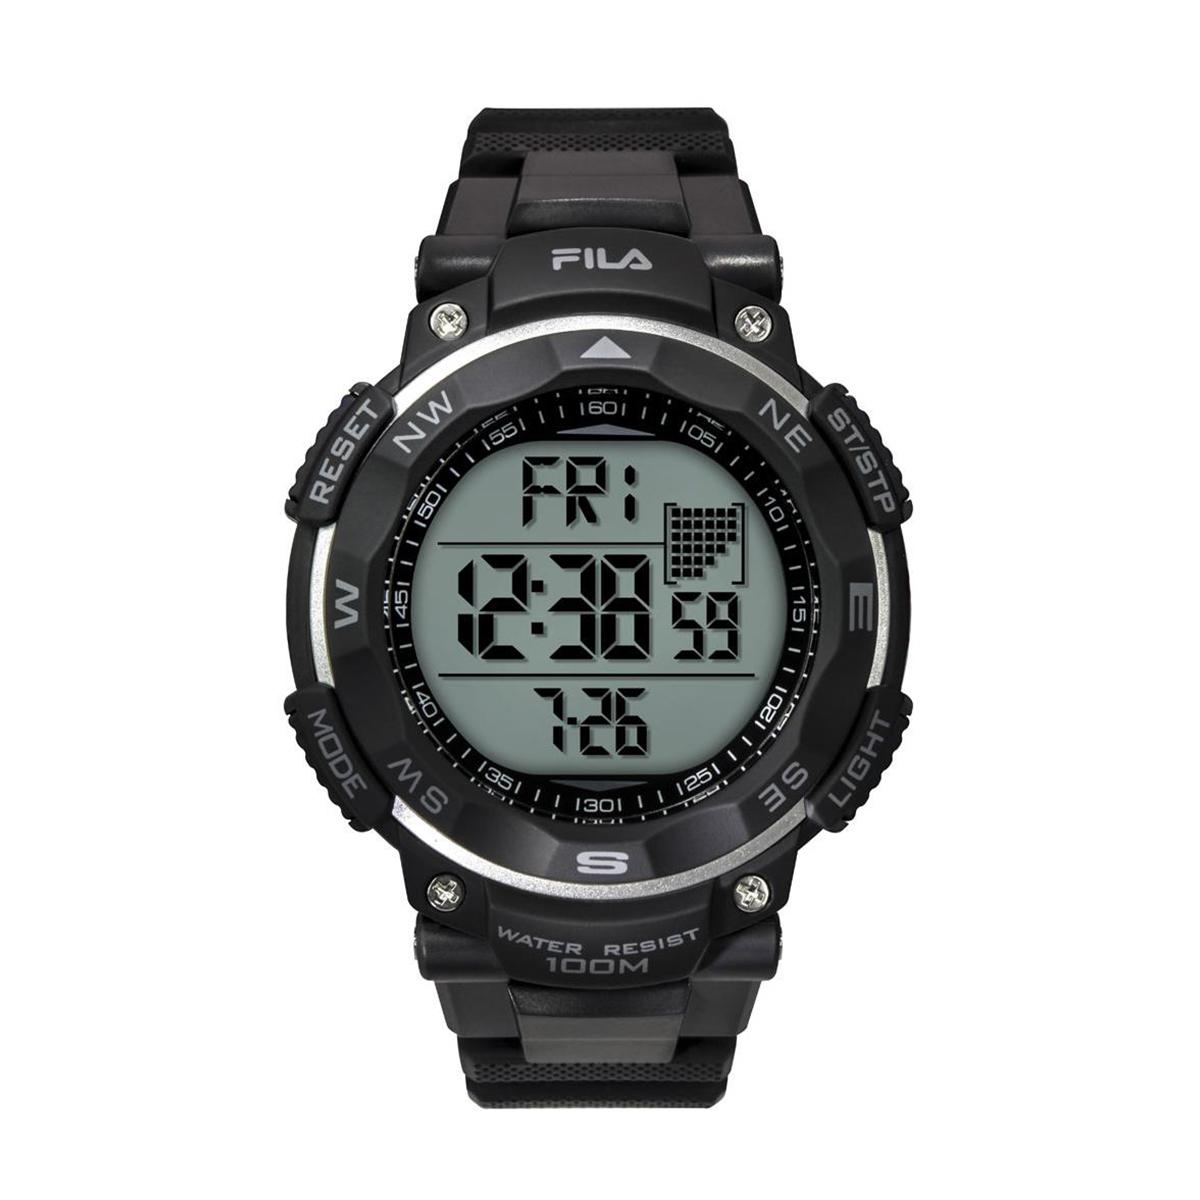 ساعت مچی دیجیتال مردانه فیلا مدل 38-824-103             قیمت